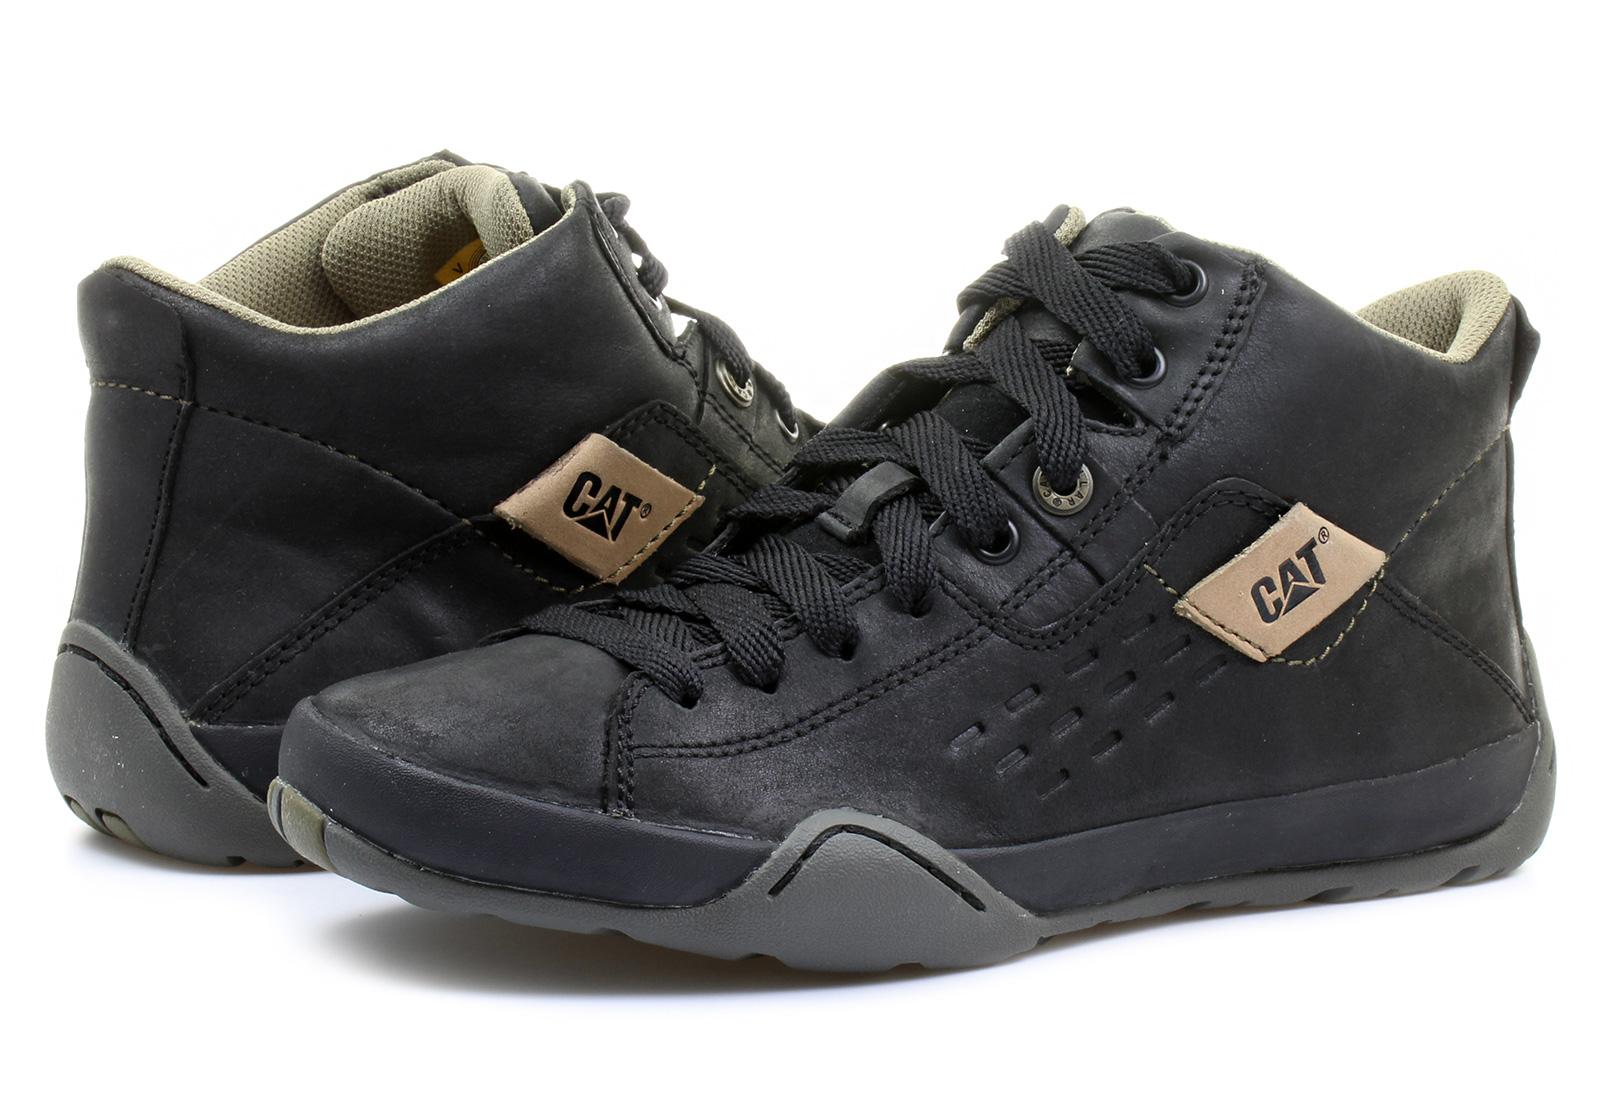 Cat Cipő - Downforce Mid - 710217-blk - Office Shoes Magyarország 14cfe00ccd